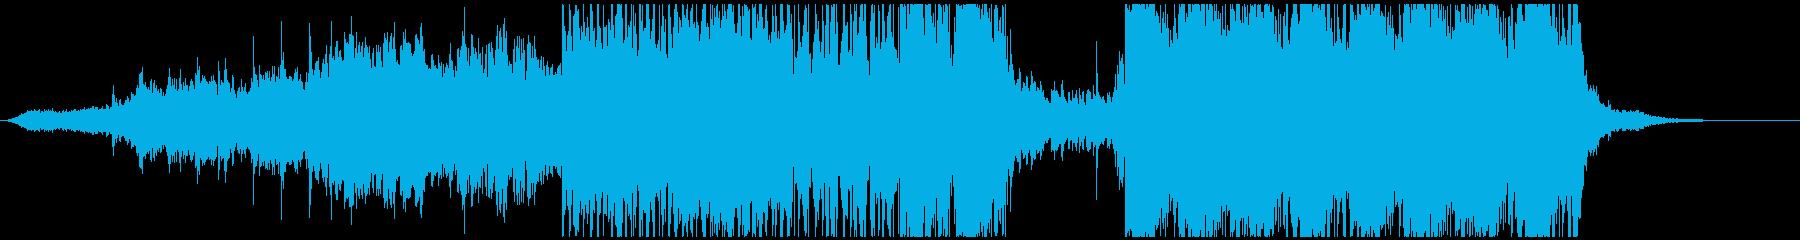 アラビアっぽいepic系インストの再生済みの波形